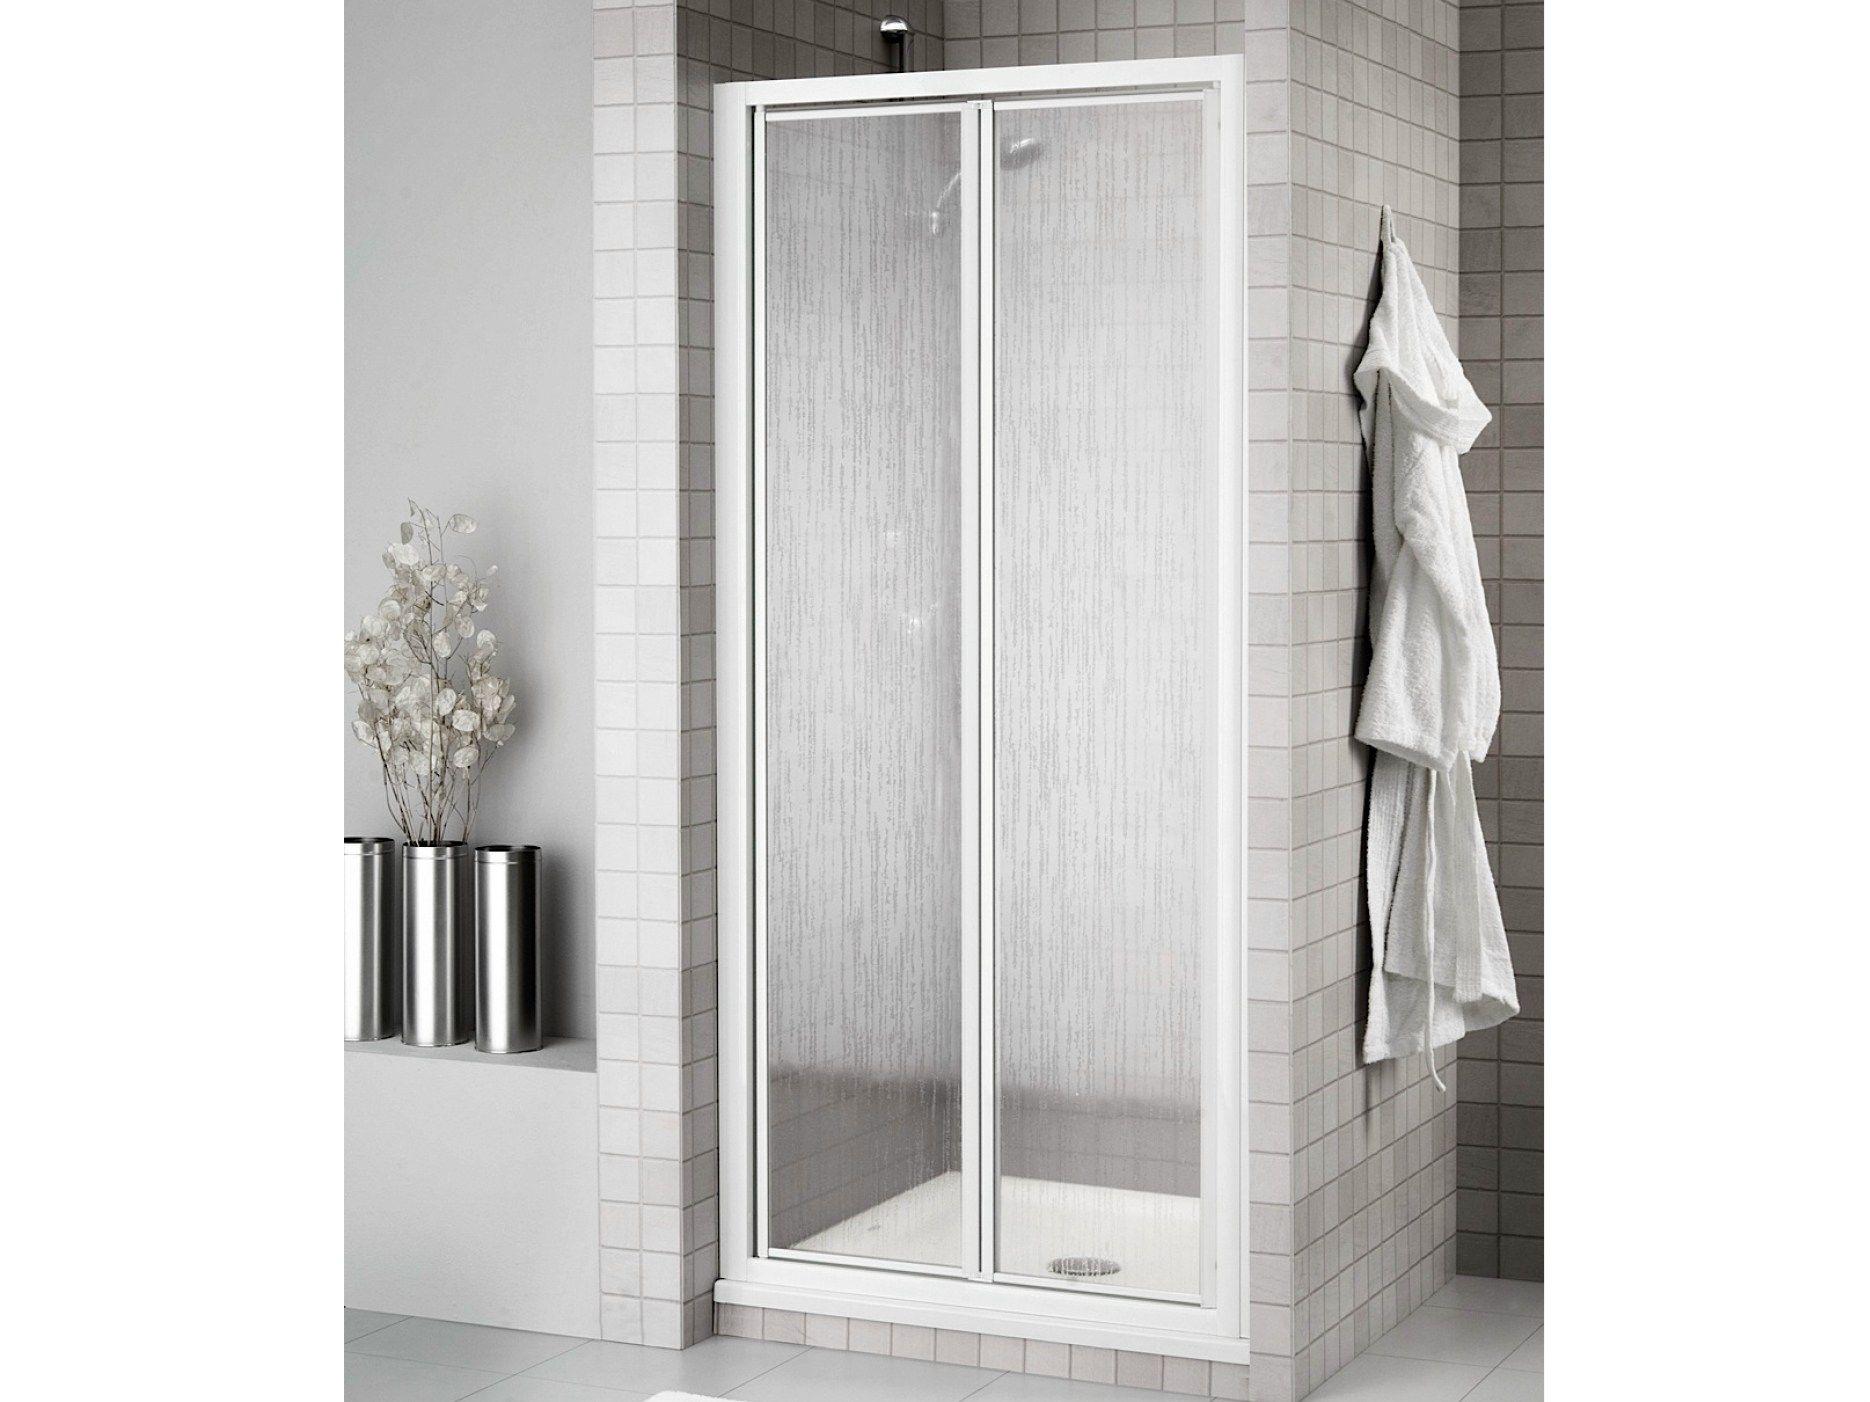 Box doccia a nicchia con porte a soffietto prima 2000 - Porte per docce ...